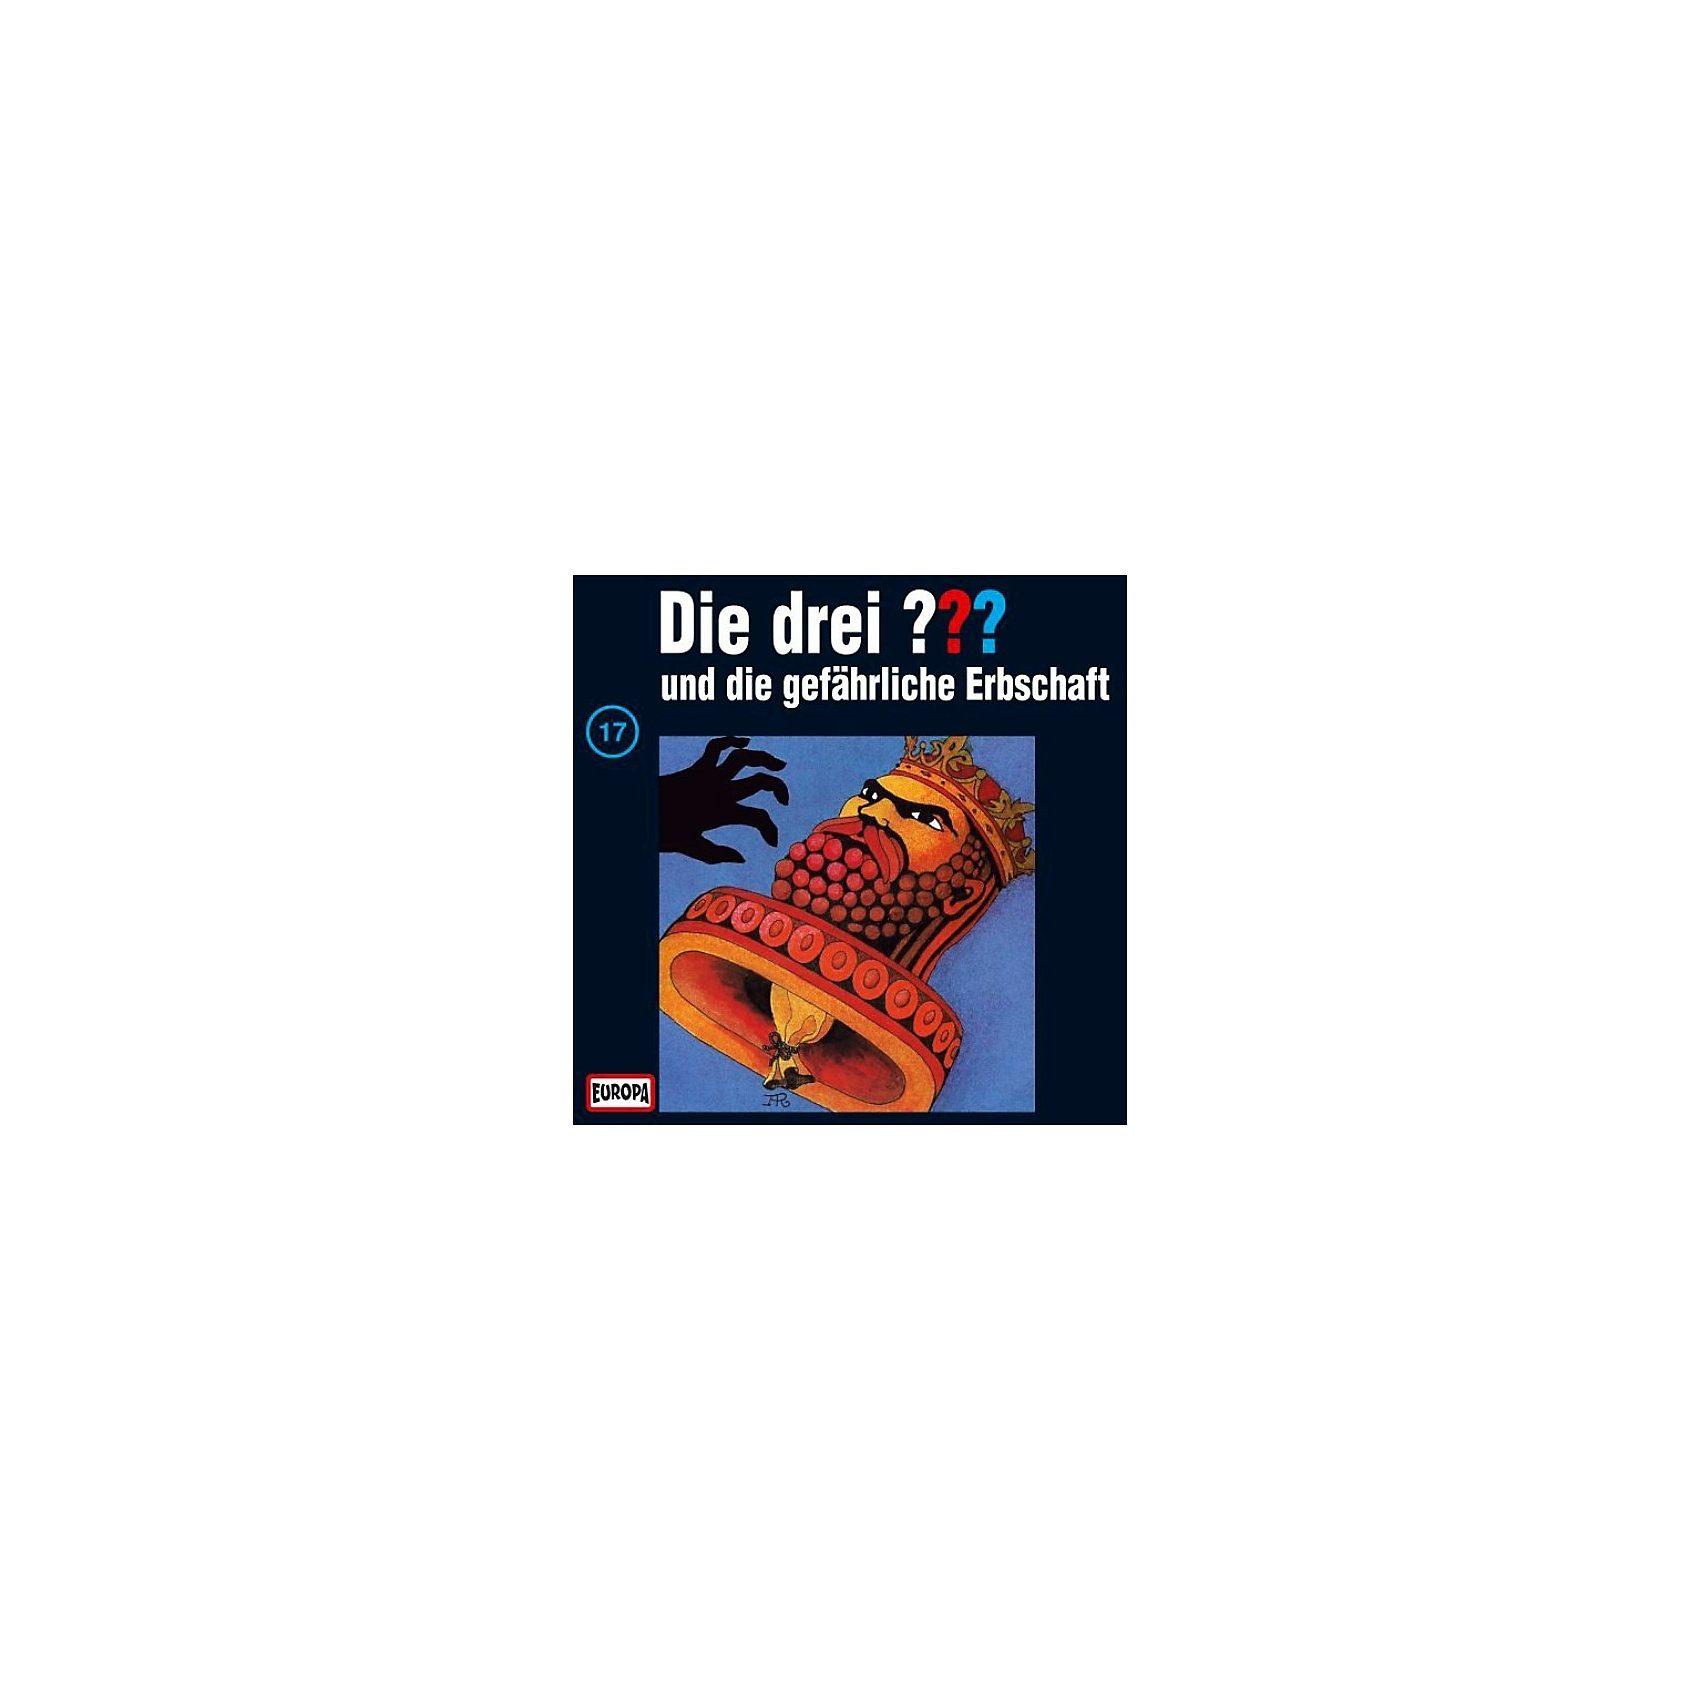 SONY BMG MUSIC CD Die Drei ??? 017/und die gefährliche Erbschaft